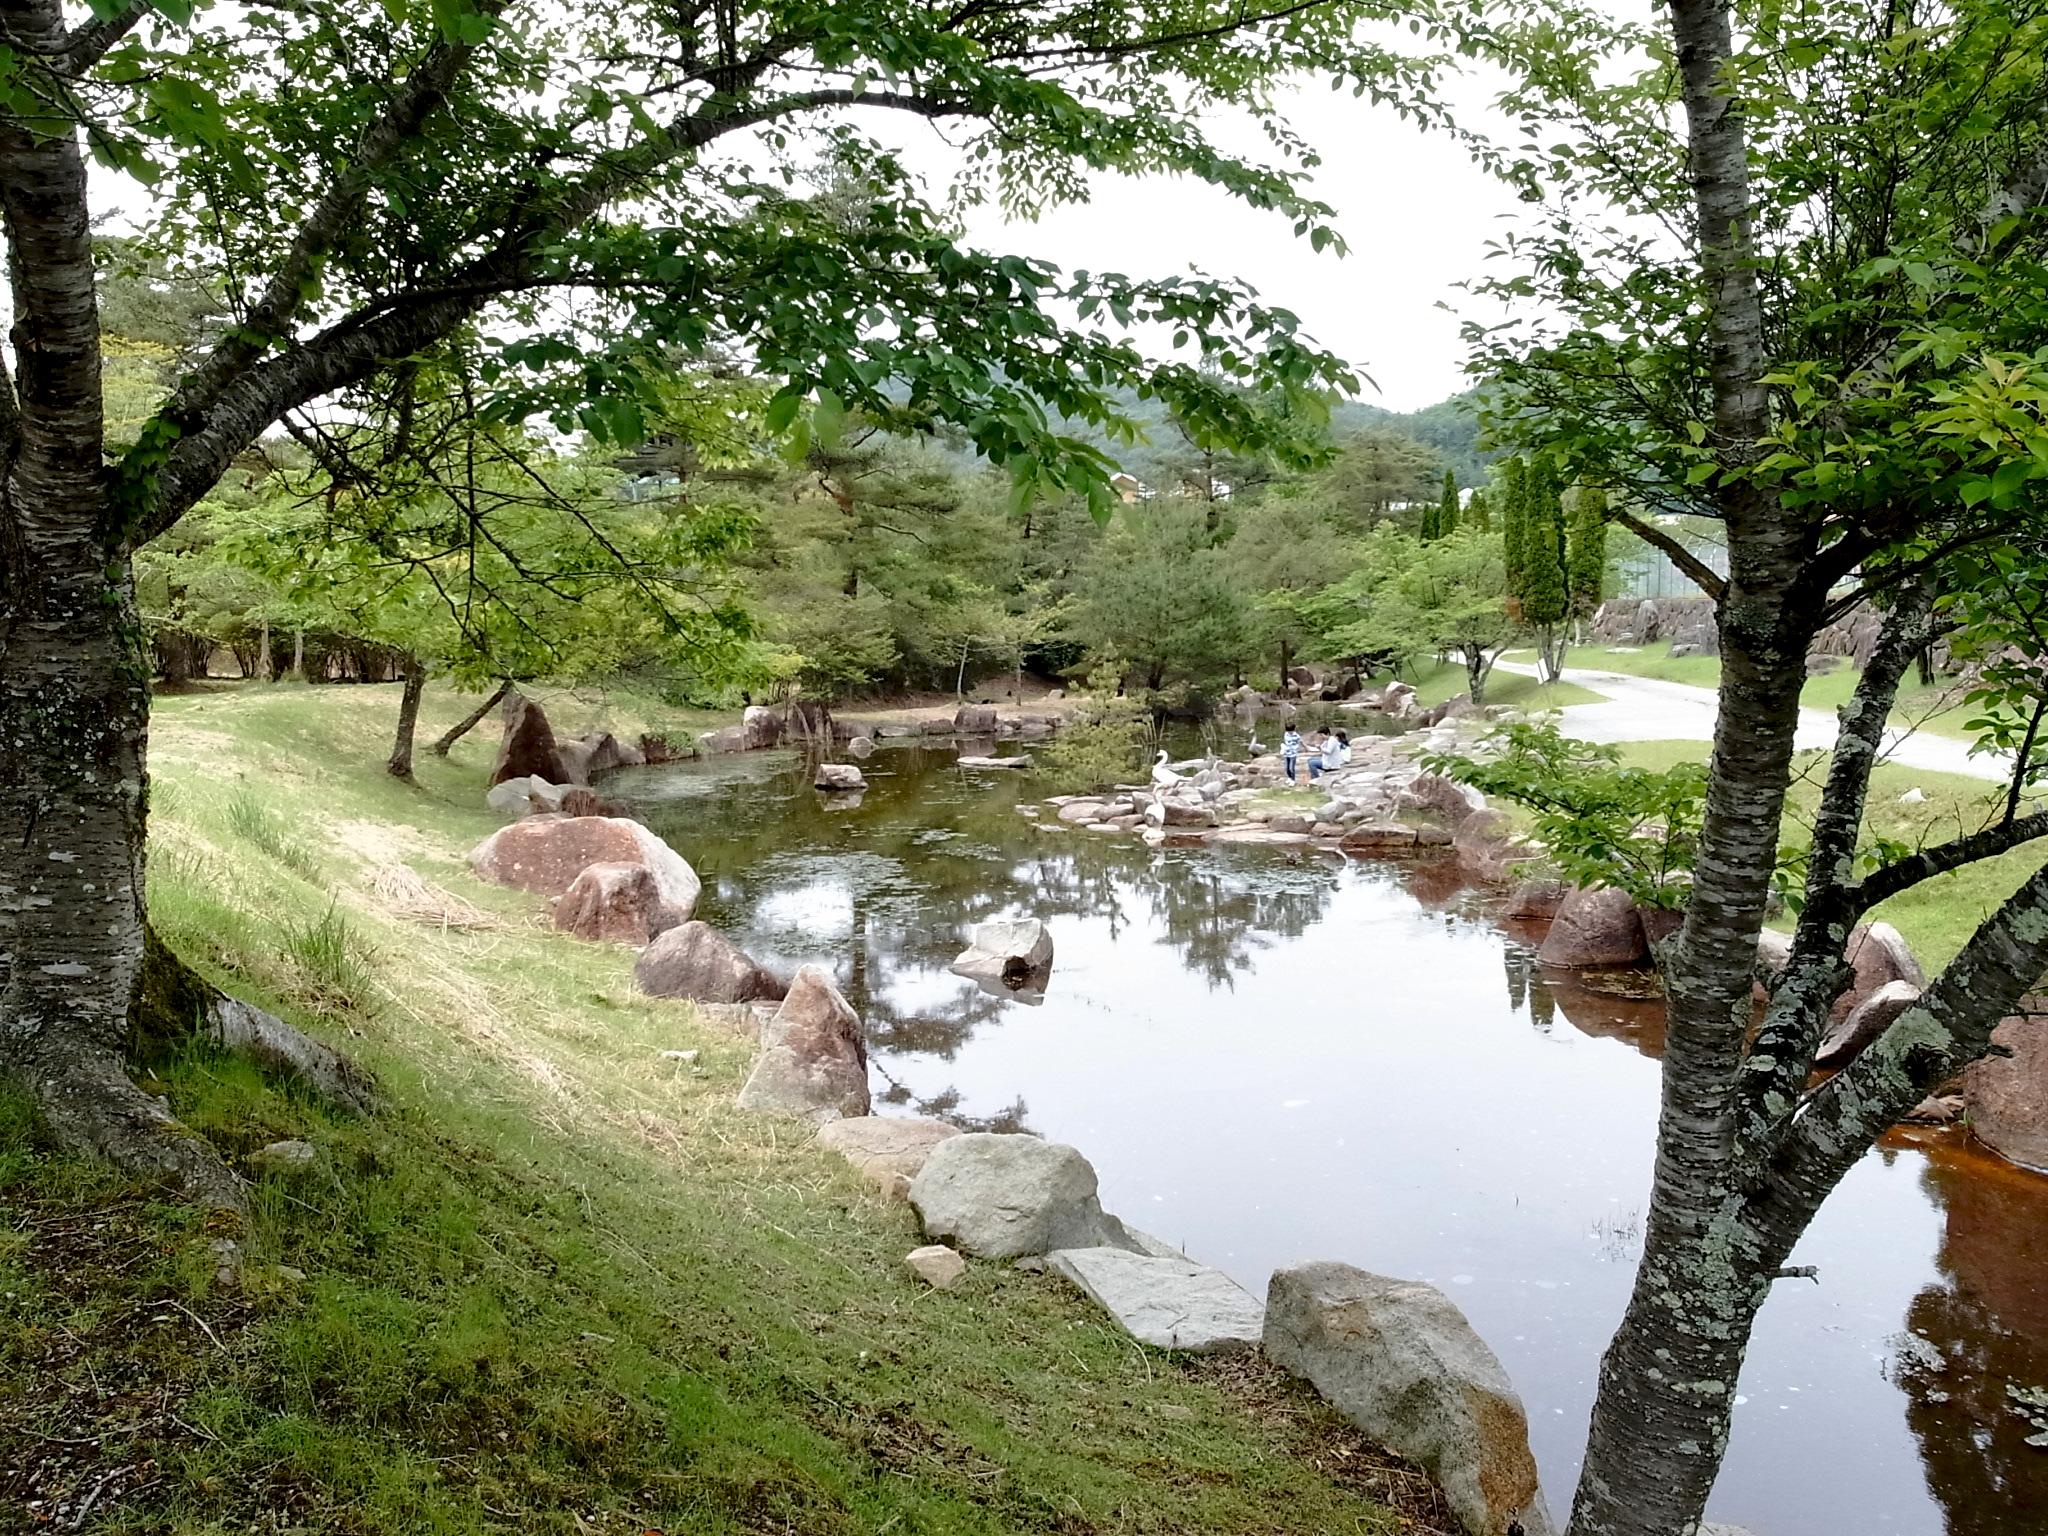 ランチの後は、るり渓公園内を散策。なんと予定していた「ポテポテゴルフ」がお休み中。。。